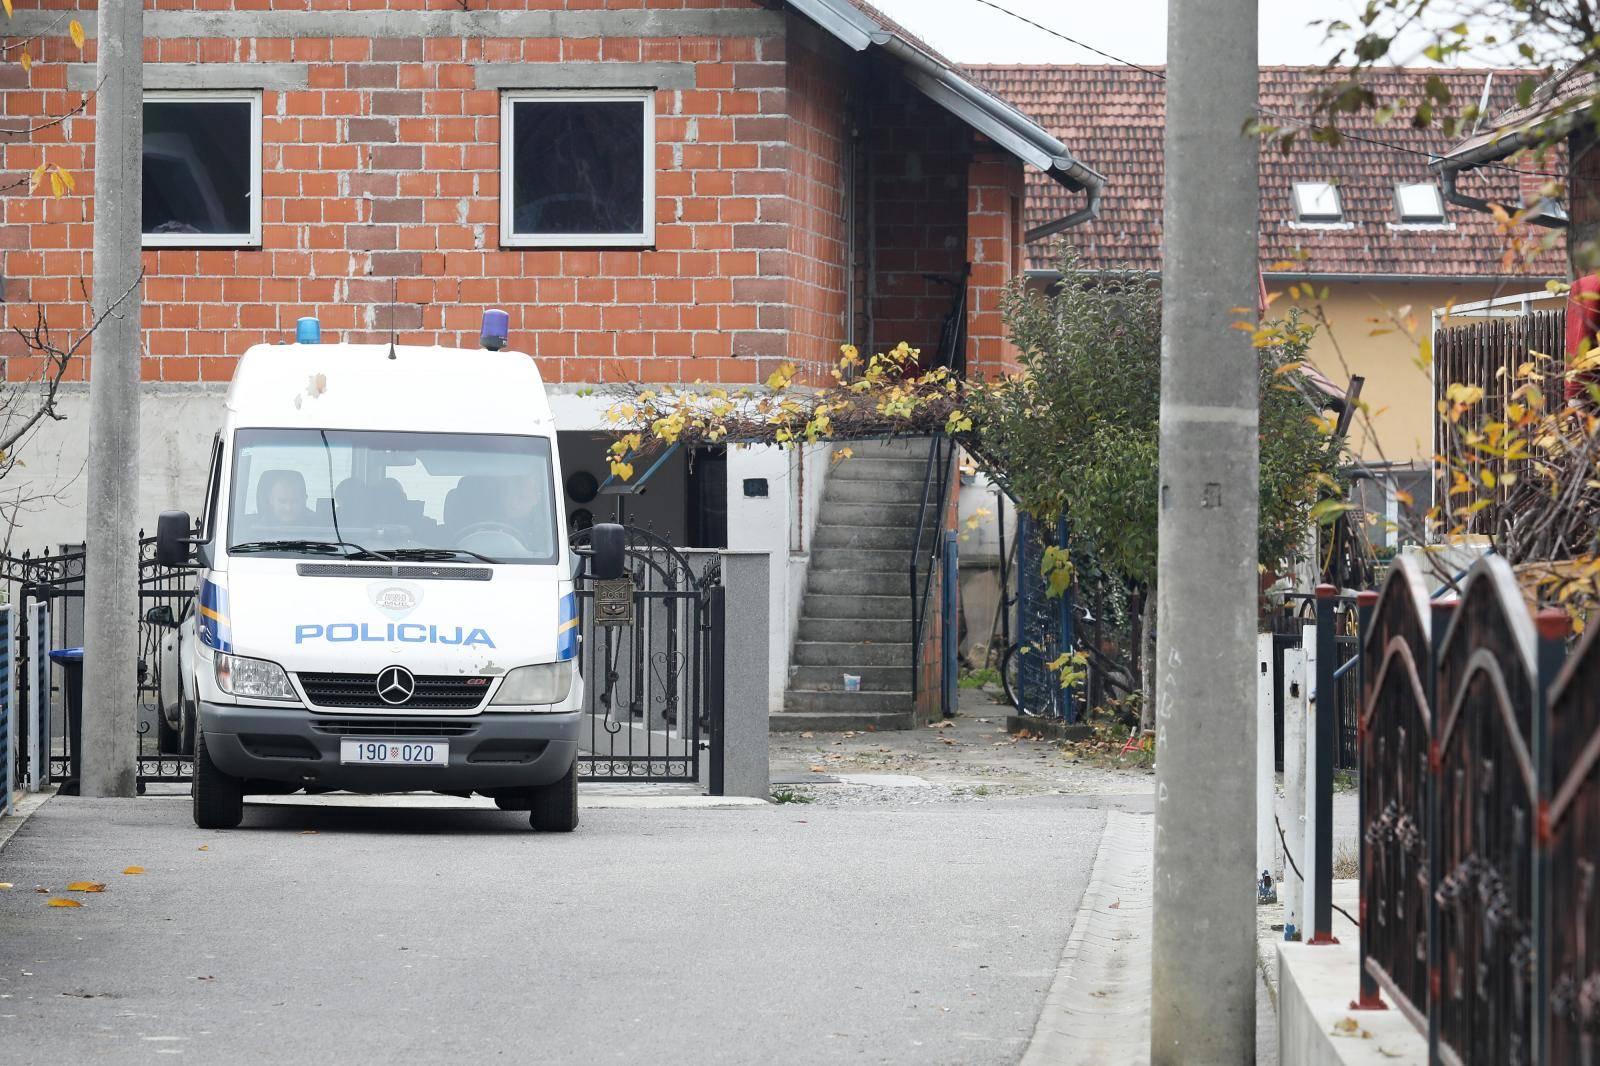 Zagreb: Pretres kuće nakon uhićenja više osoba radi fasificiranja dokumenata